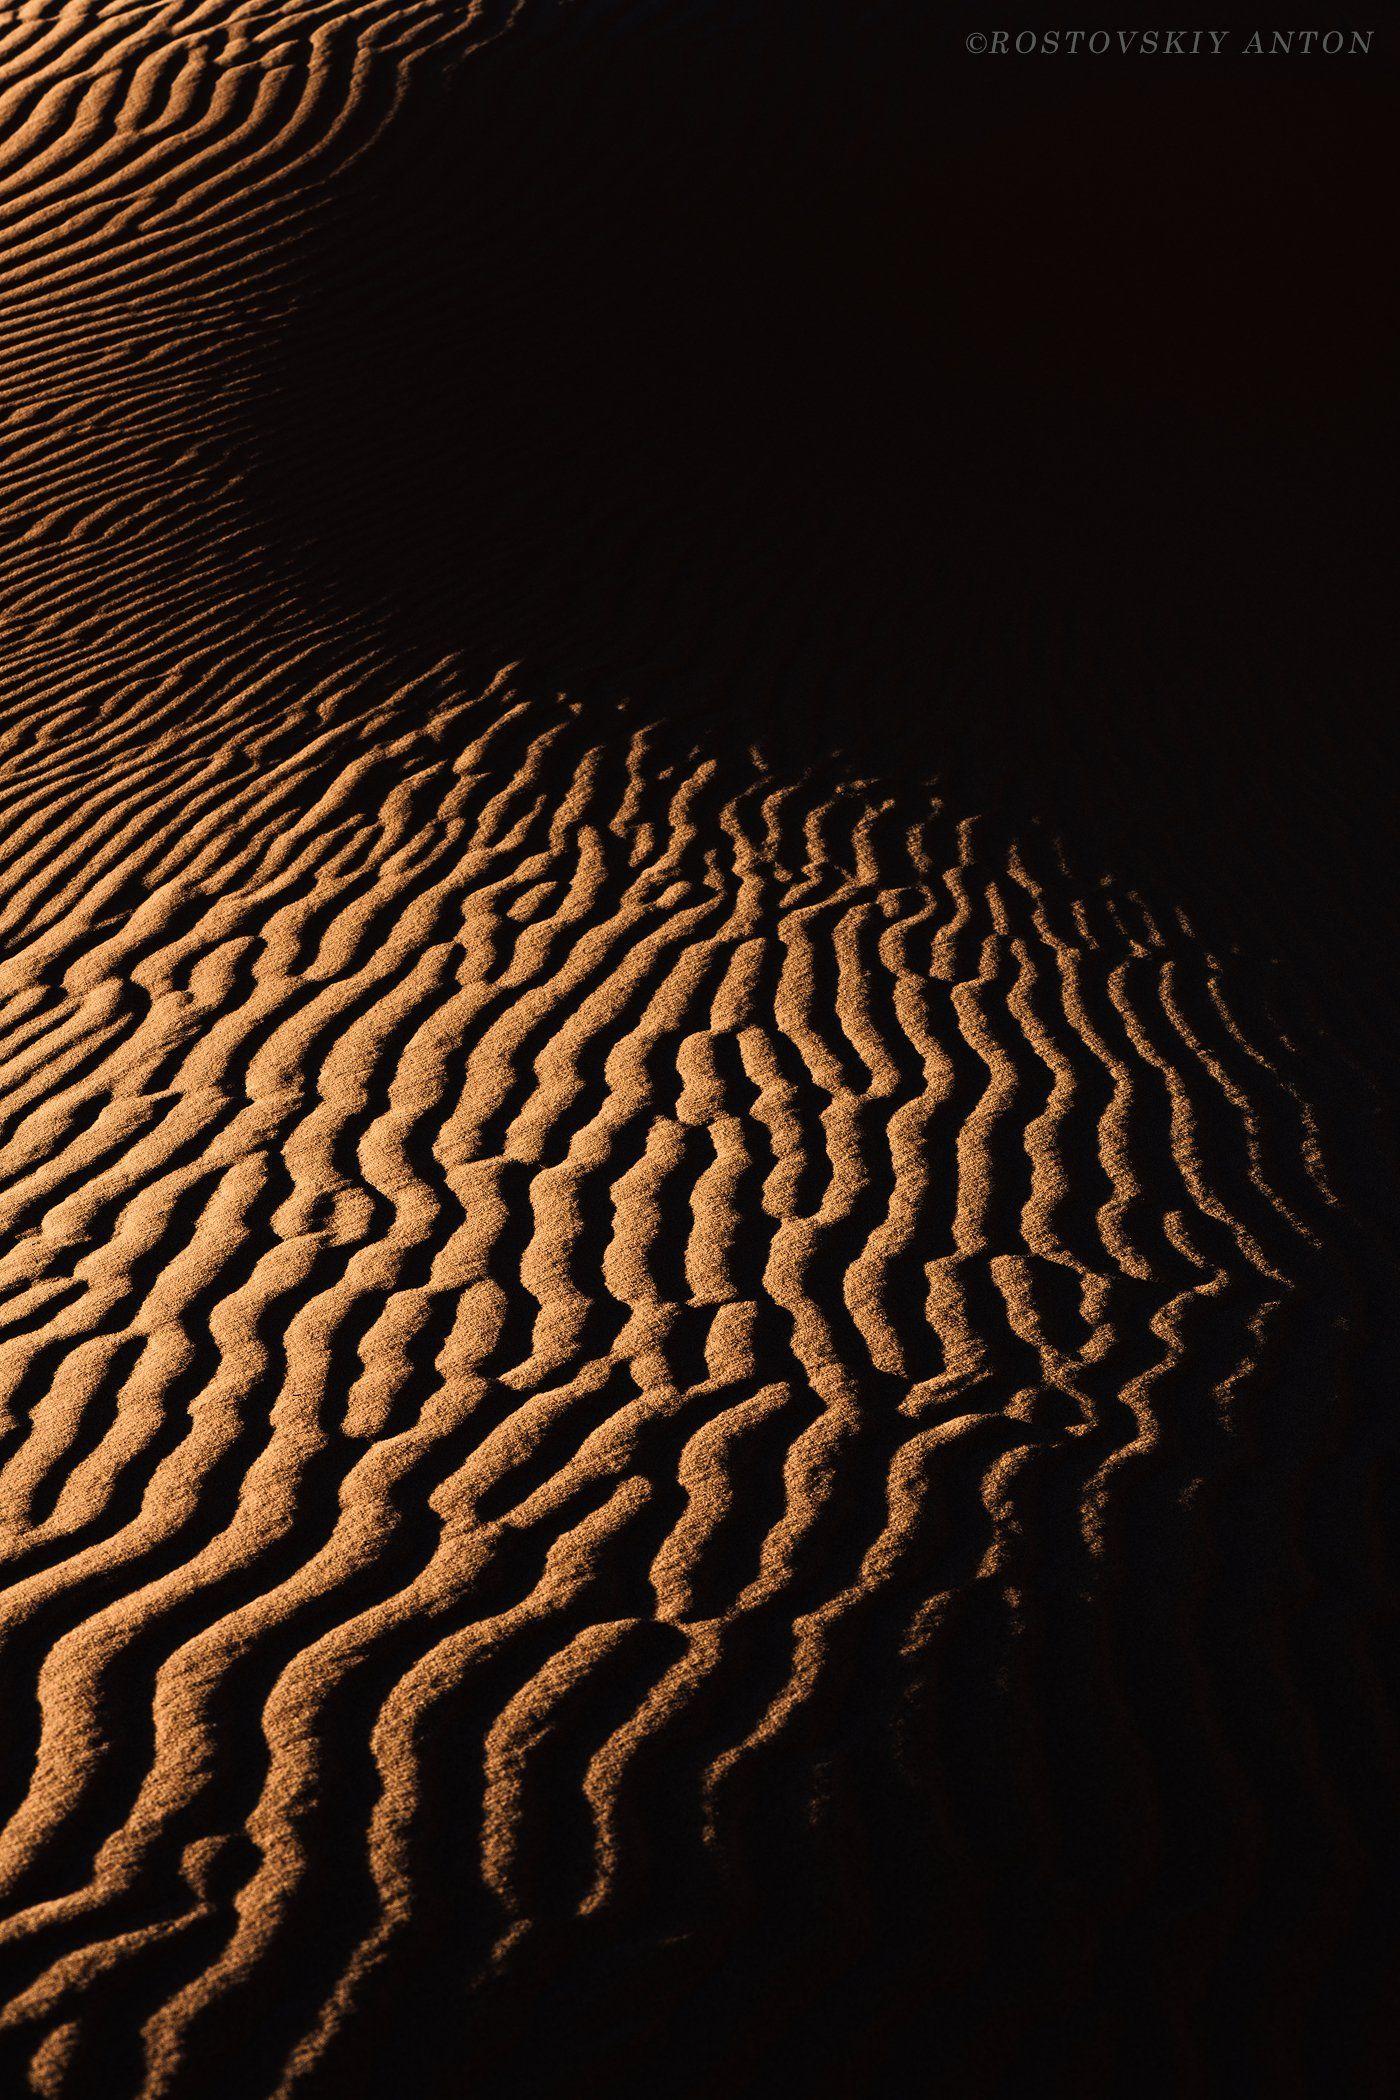 Марокко, фототур, пустыня, узары, абстракции, дюна, песок, Антон Ростовский